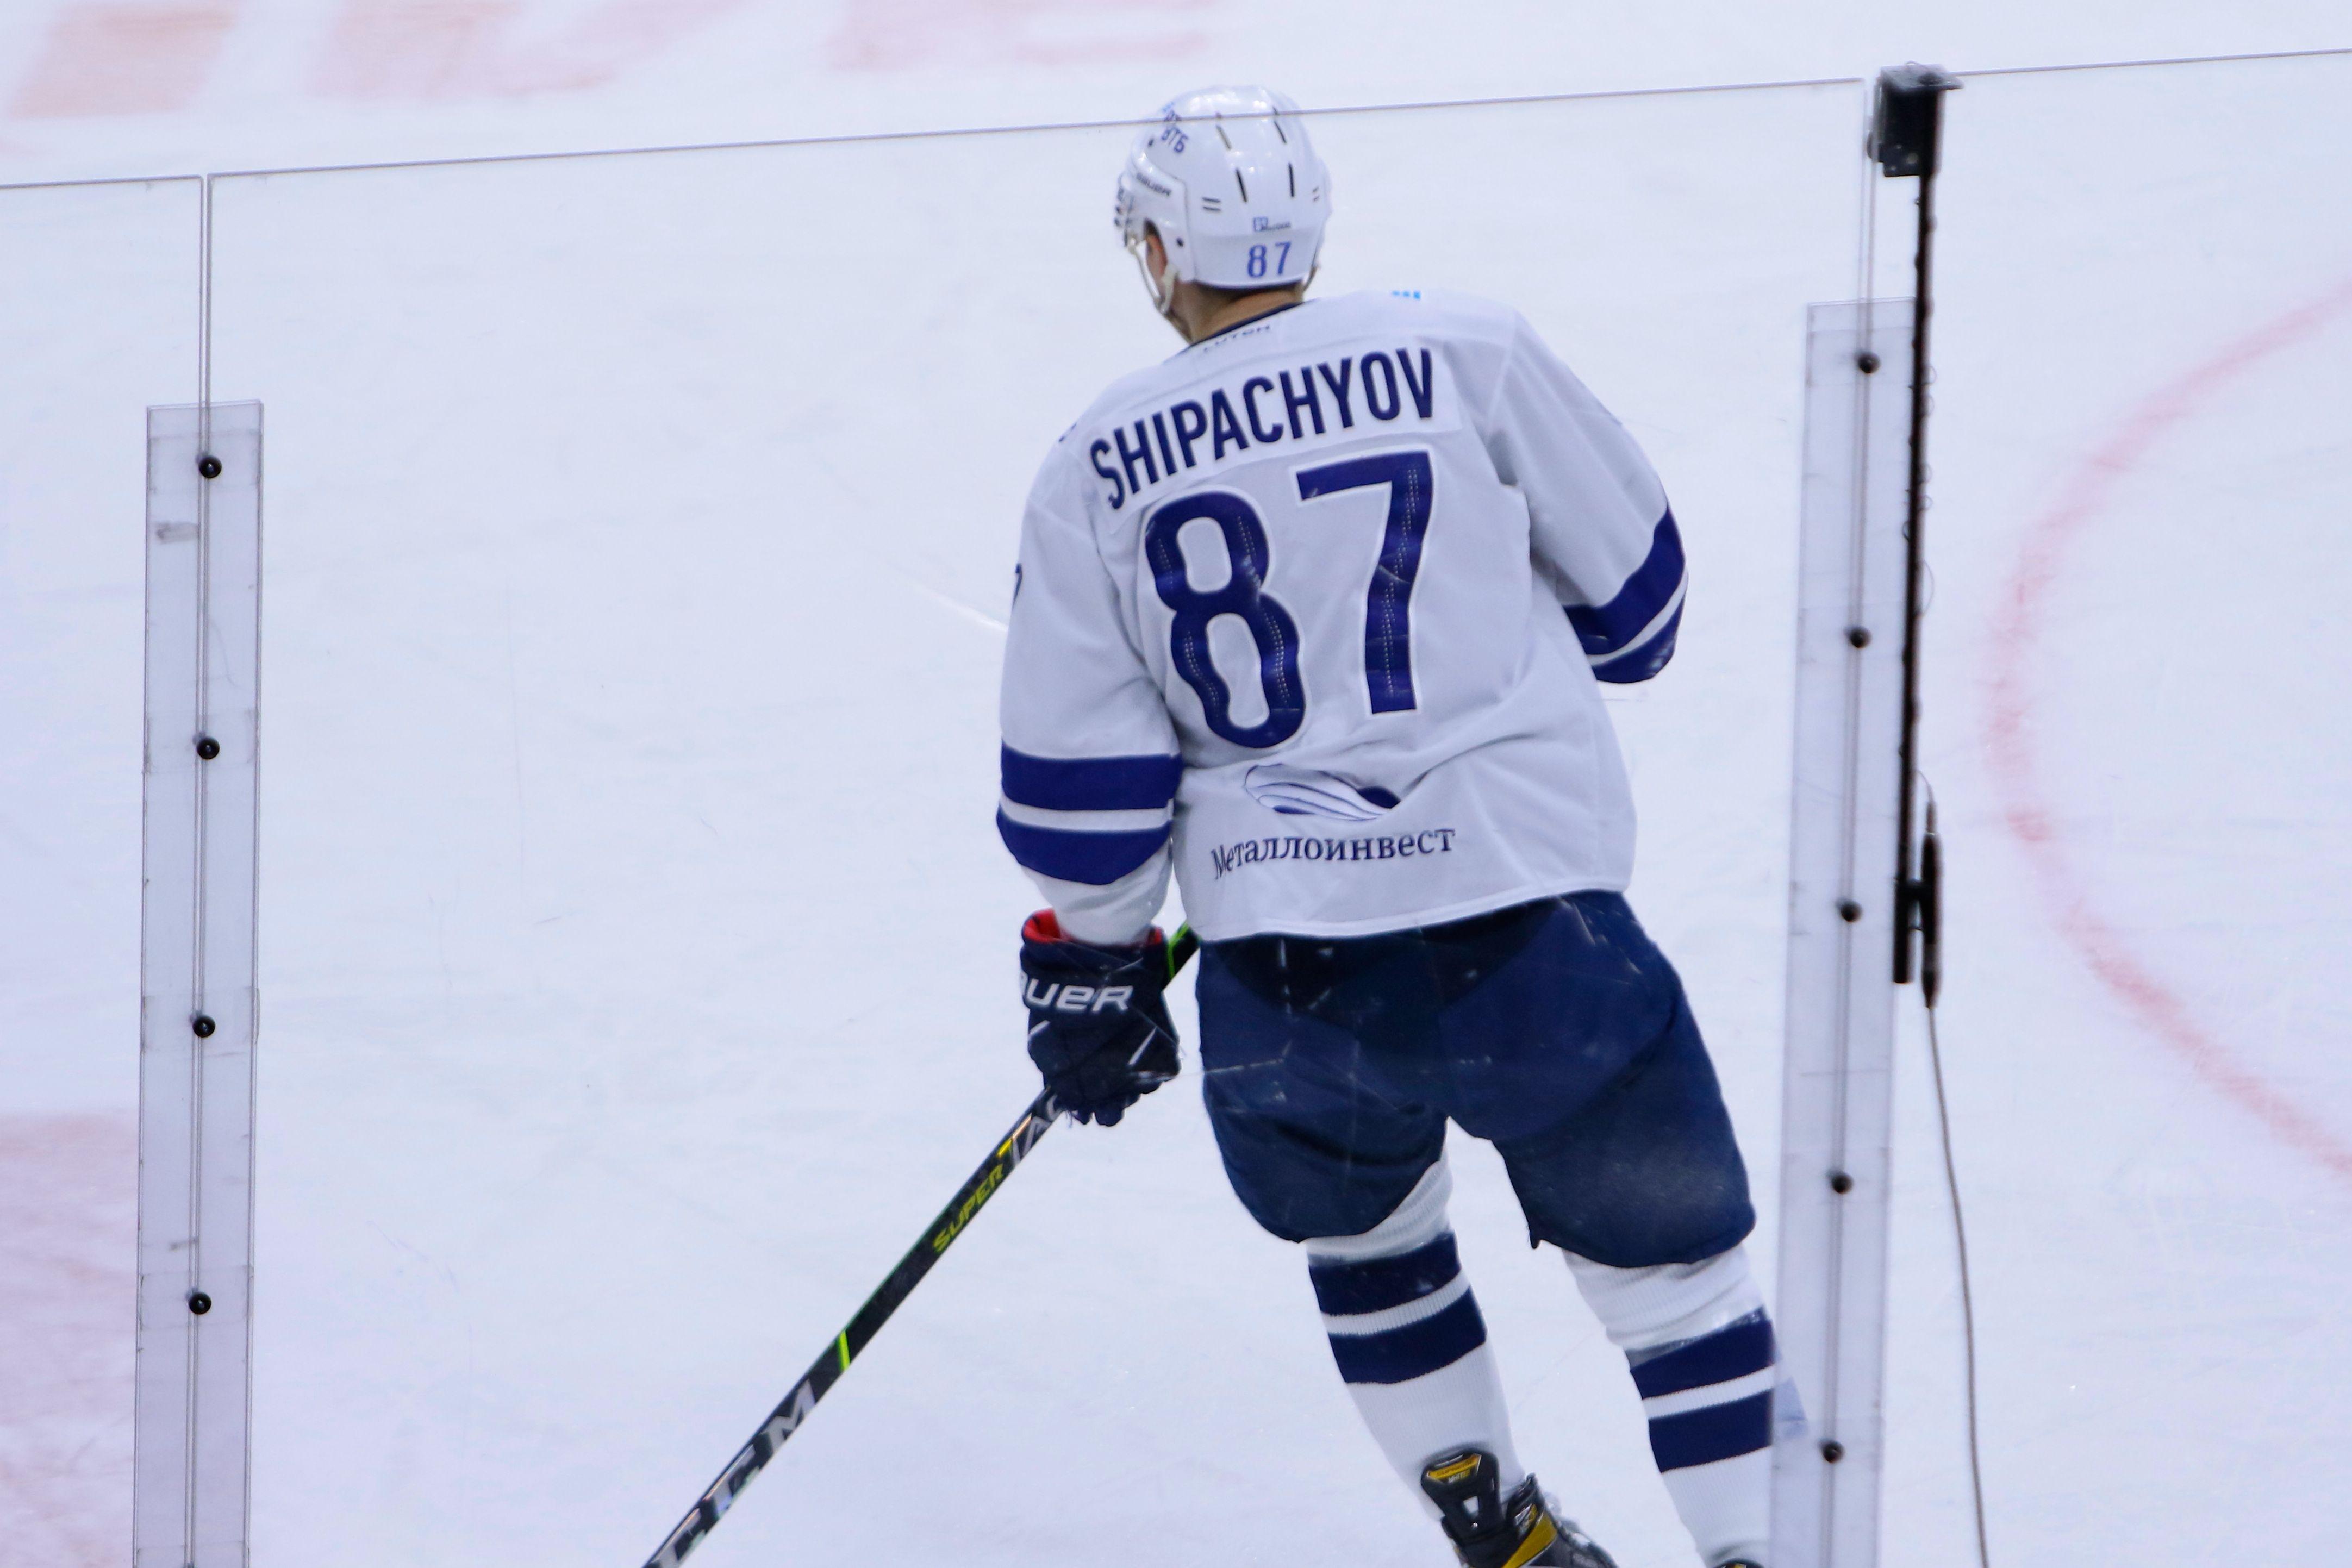 Шипачёв готов остаться в 'Динамо', если ему заплатят 120 миллионов рублей за сезон